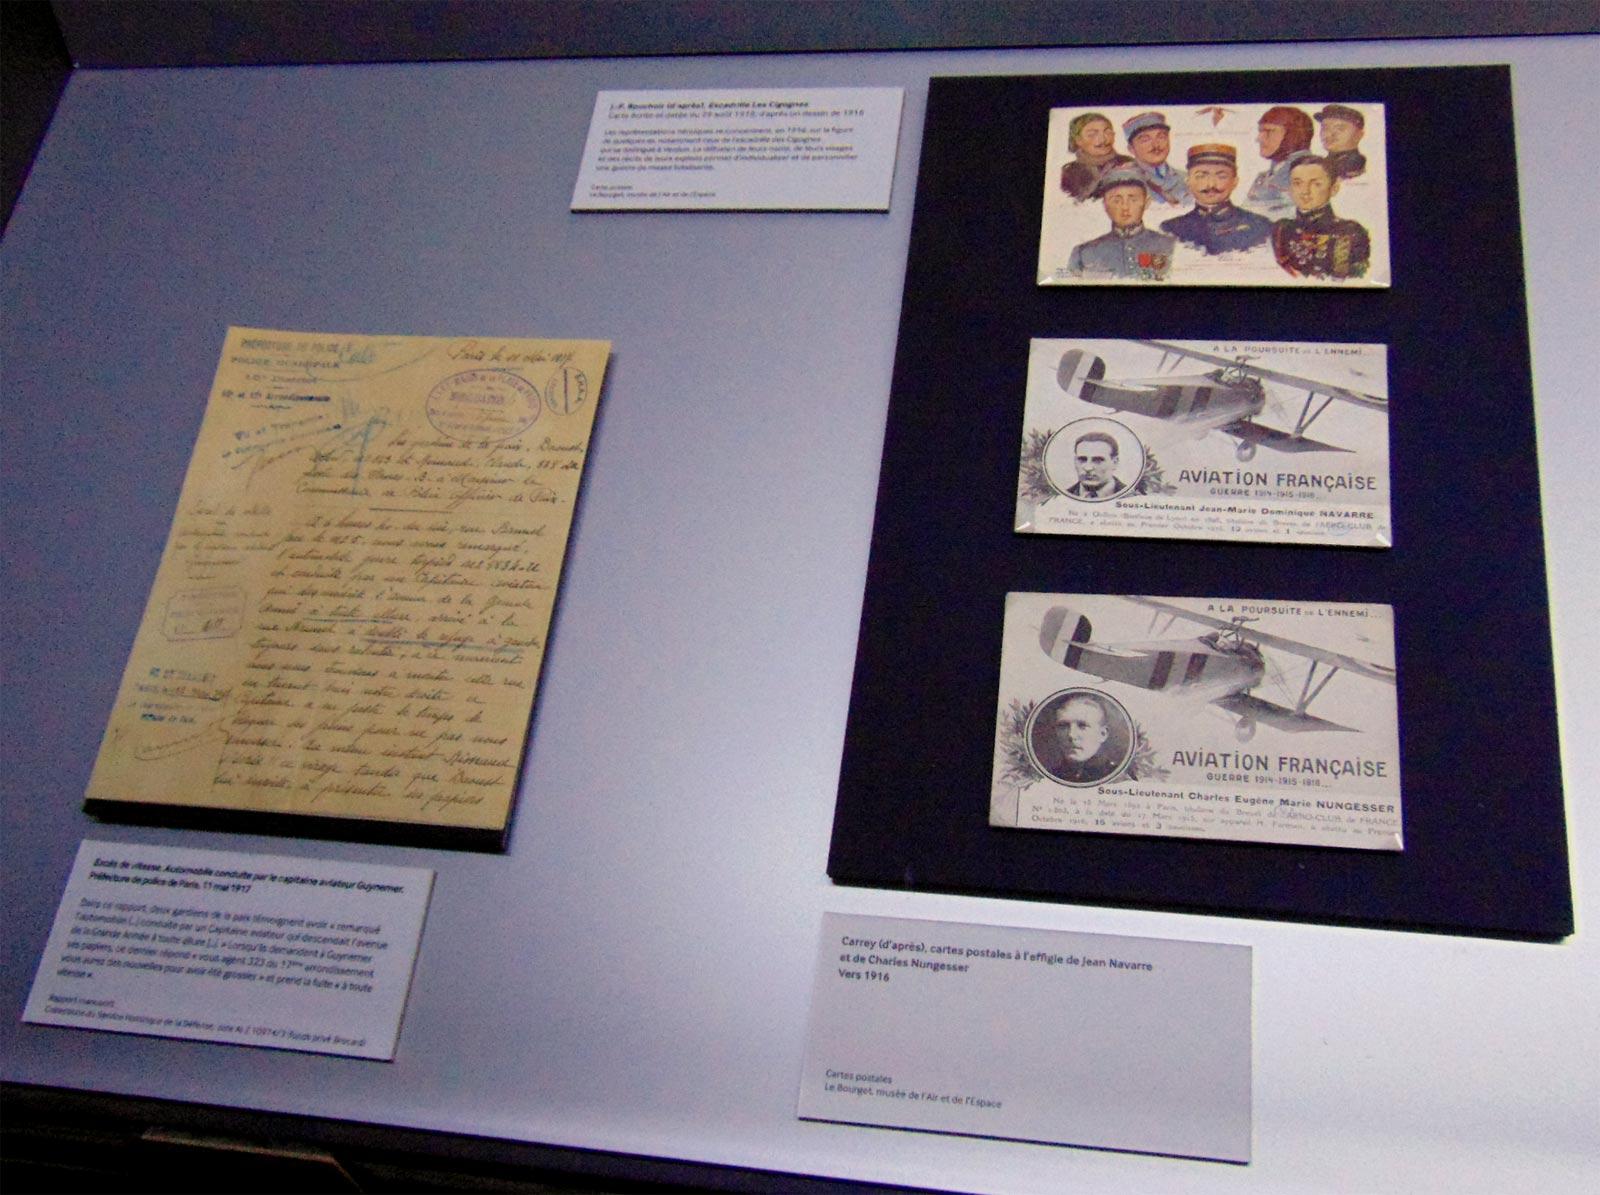 коллекция открыток первой мировой войны в музее в ле Бурже